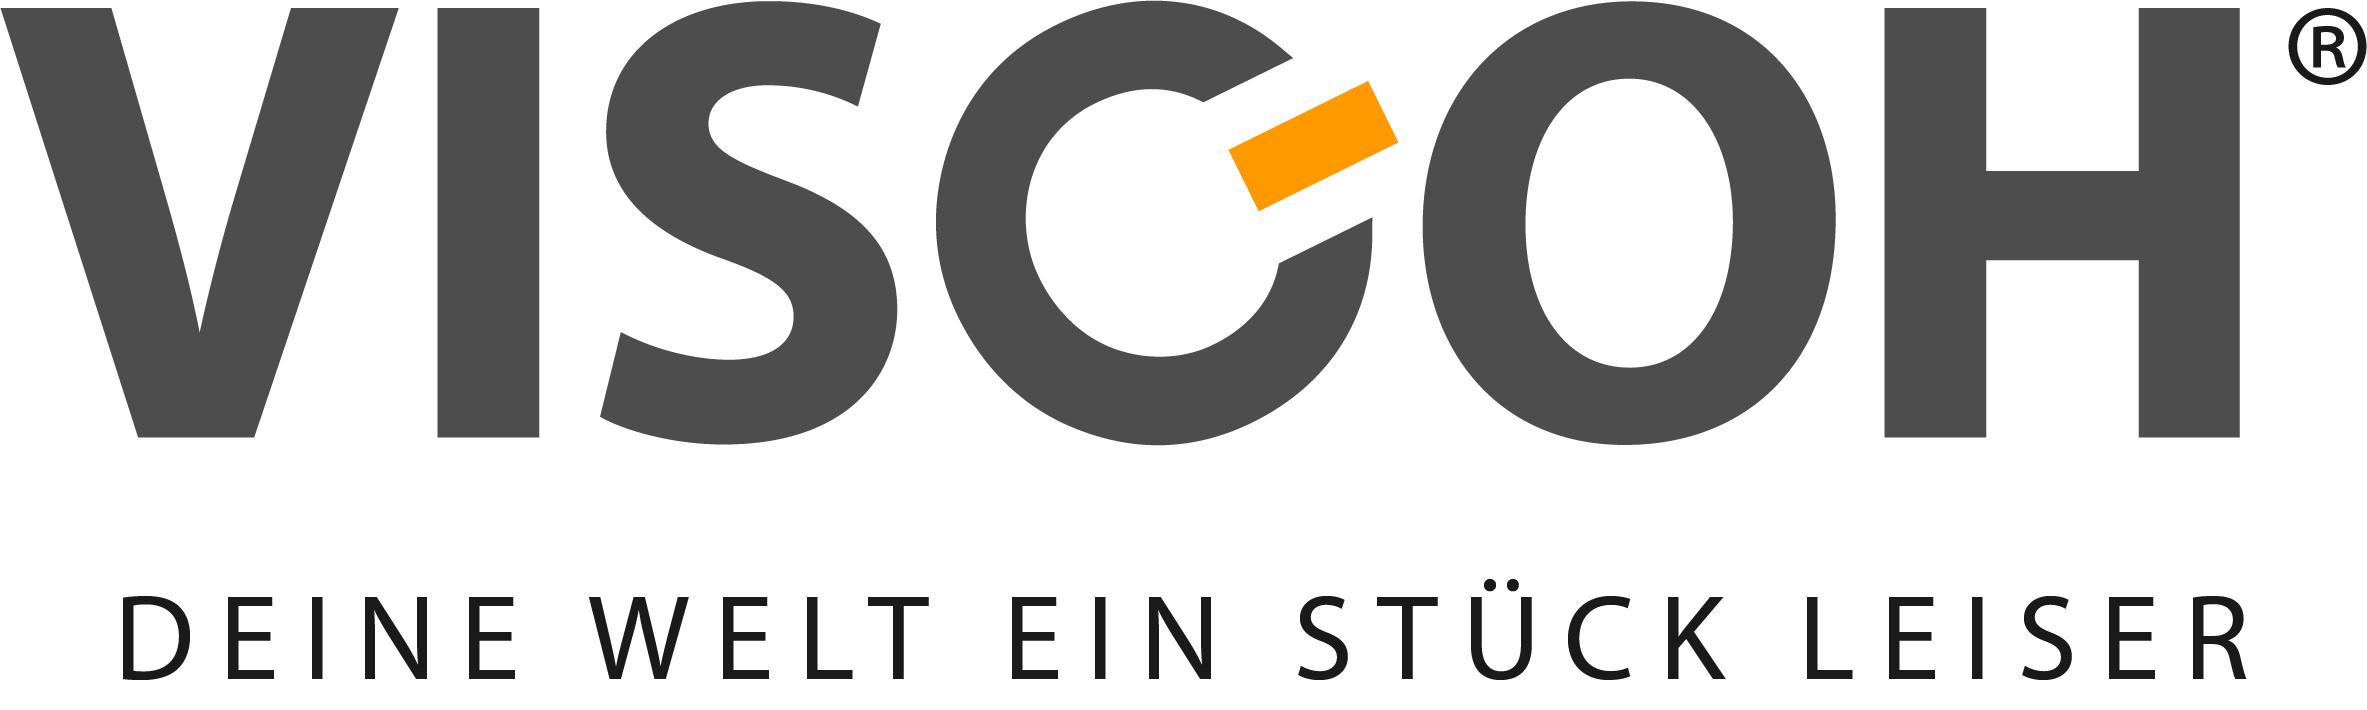 VISCOH Logo